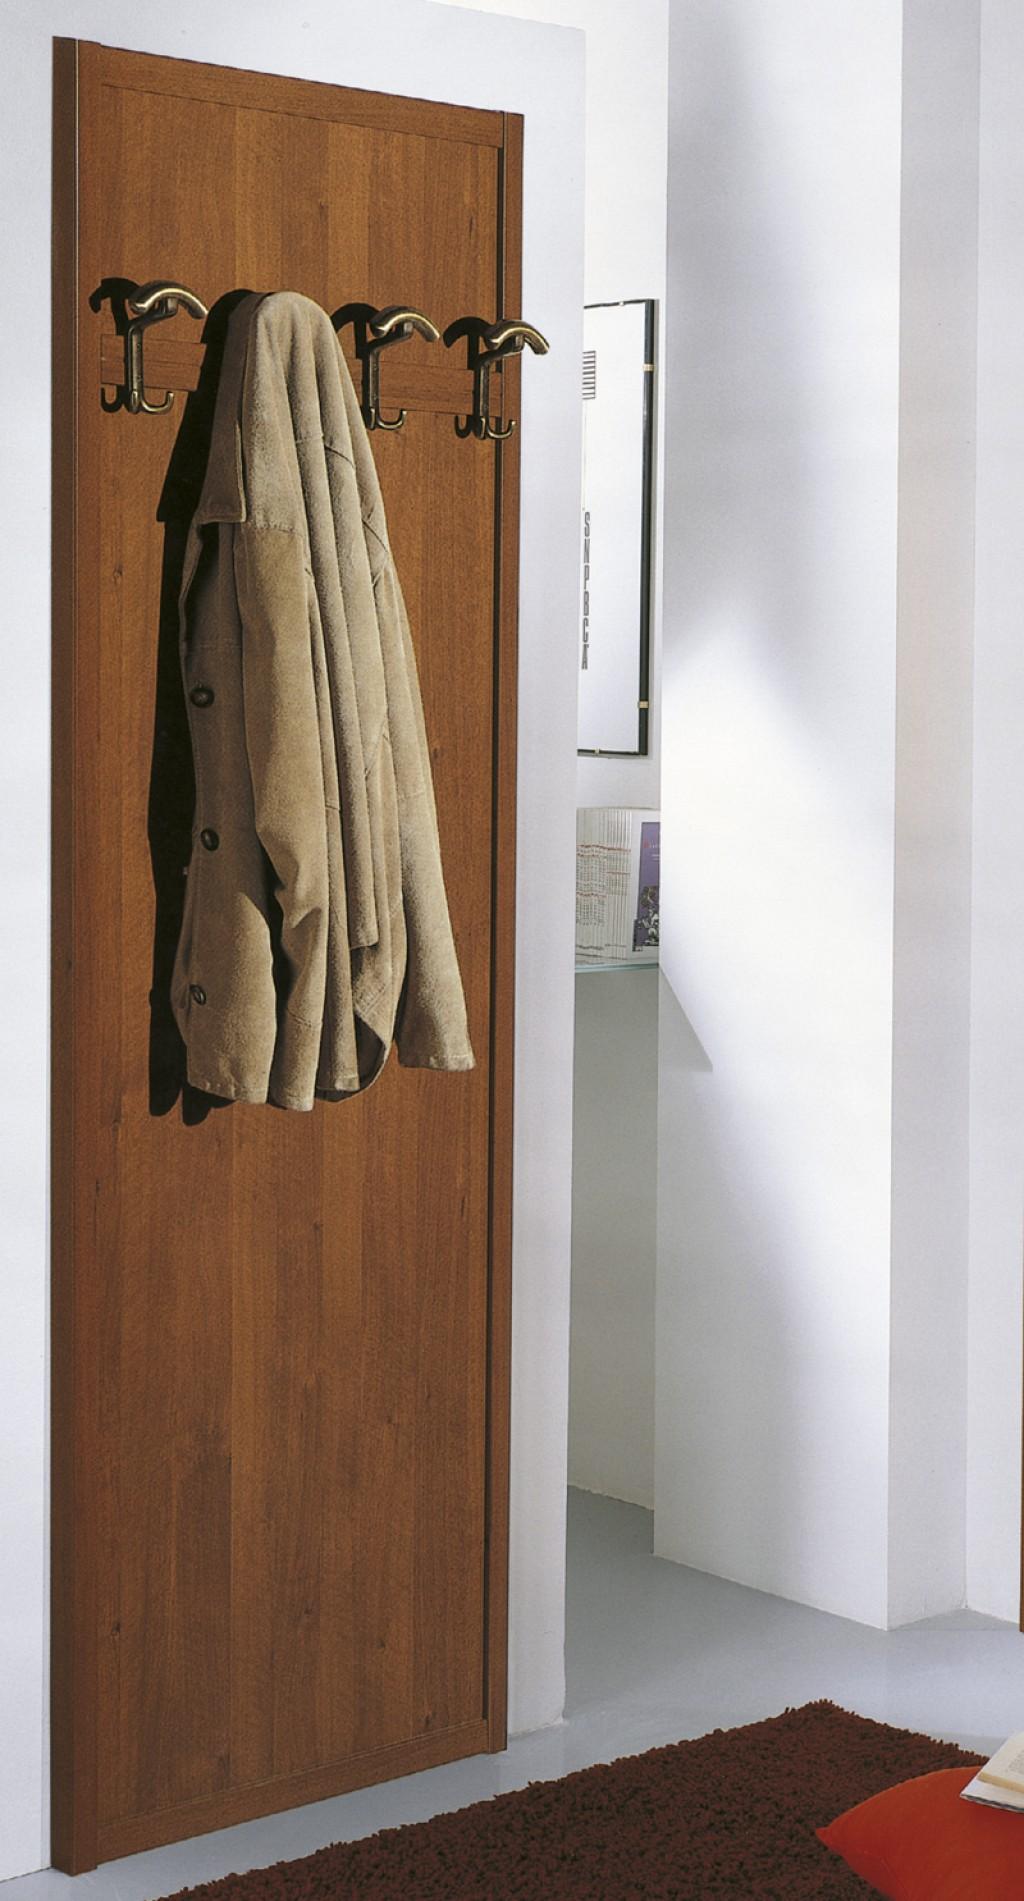 Pannello ingresso classico om525 cucine mobili di - Iva bonus mobili ...